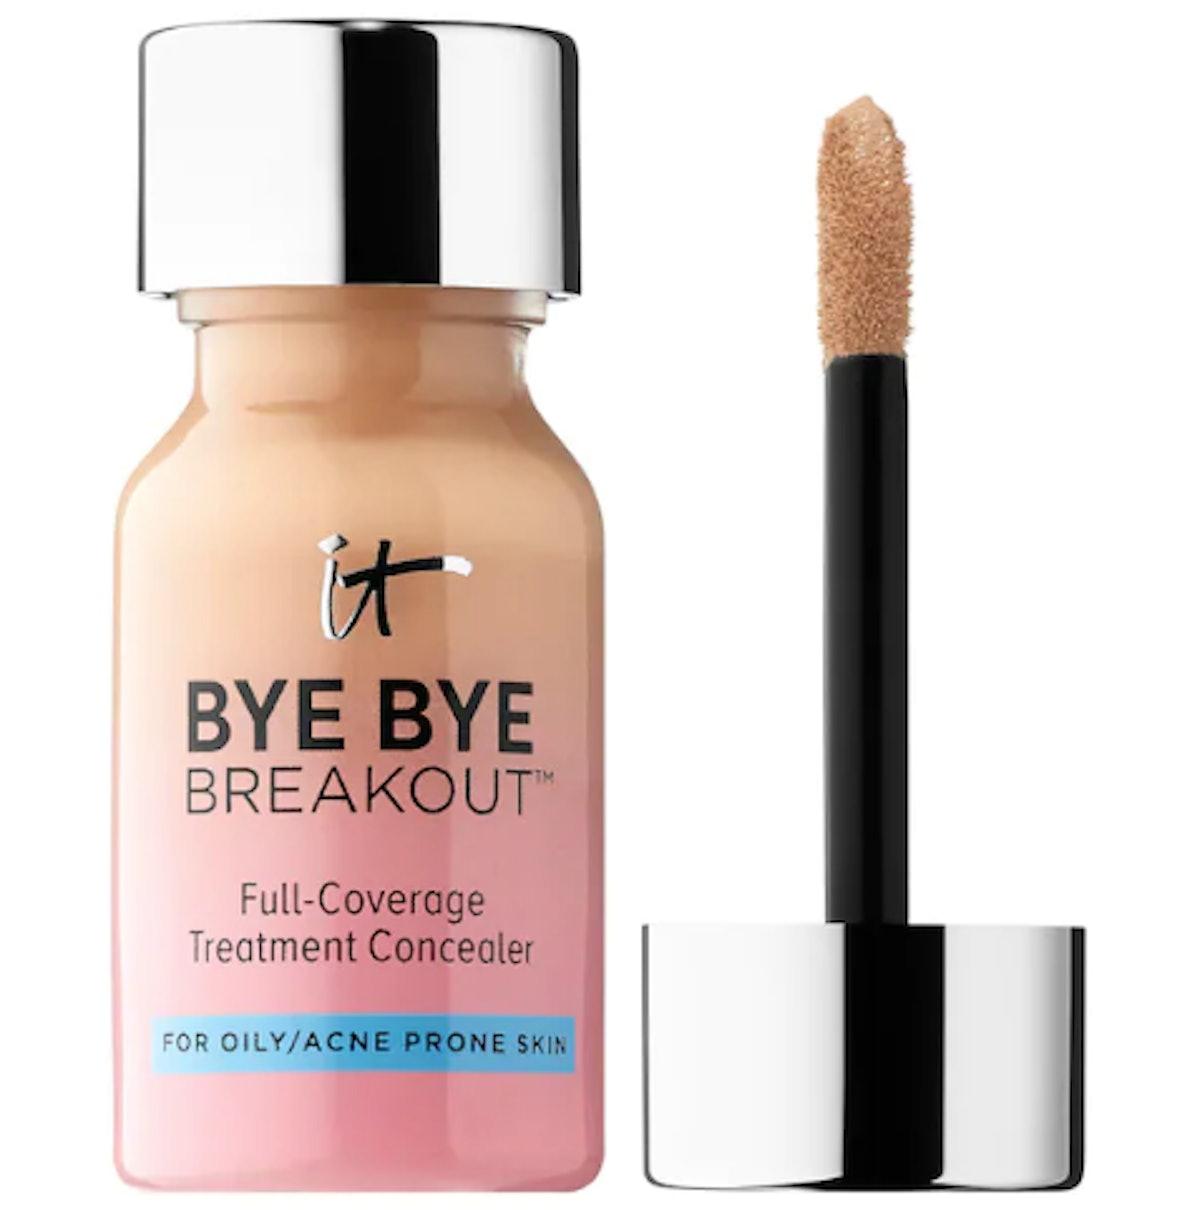 Bye Bye Breakout Full-Coverage Concealer